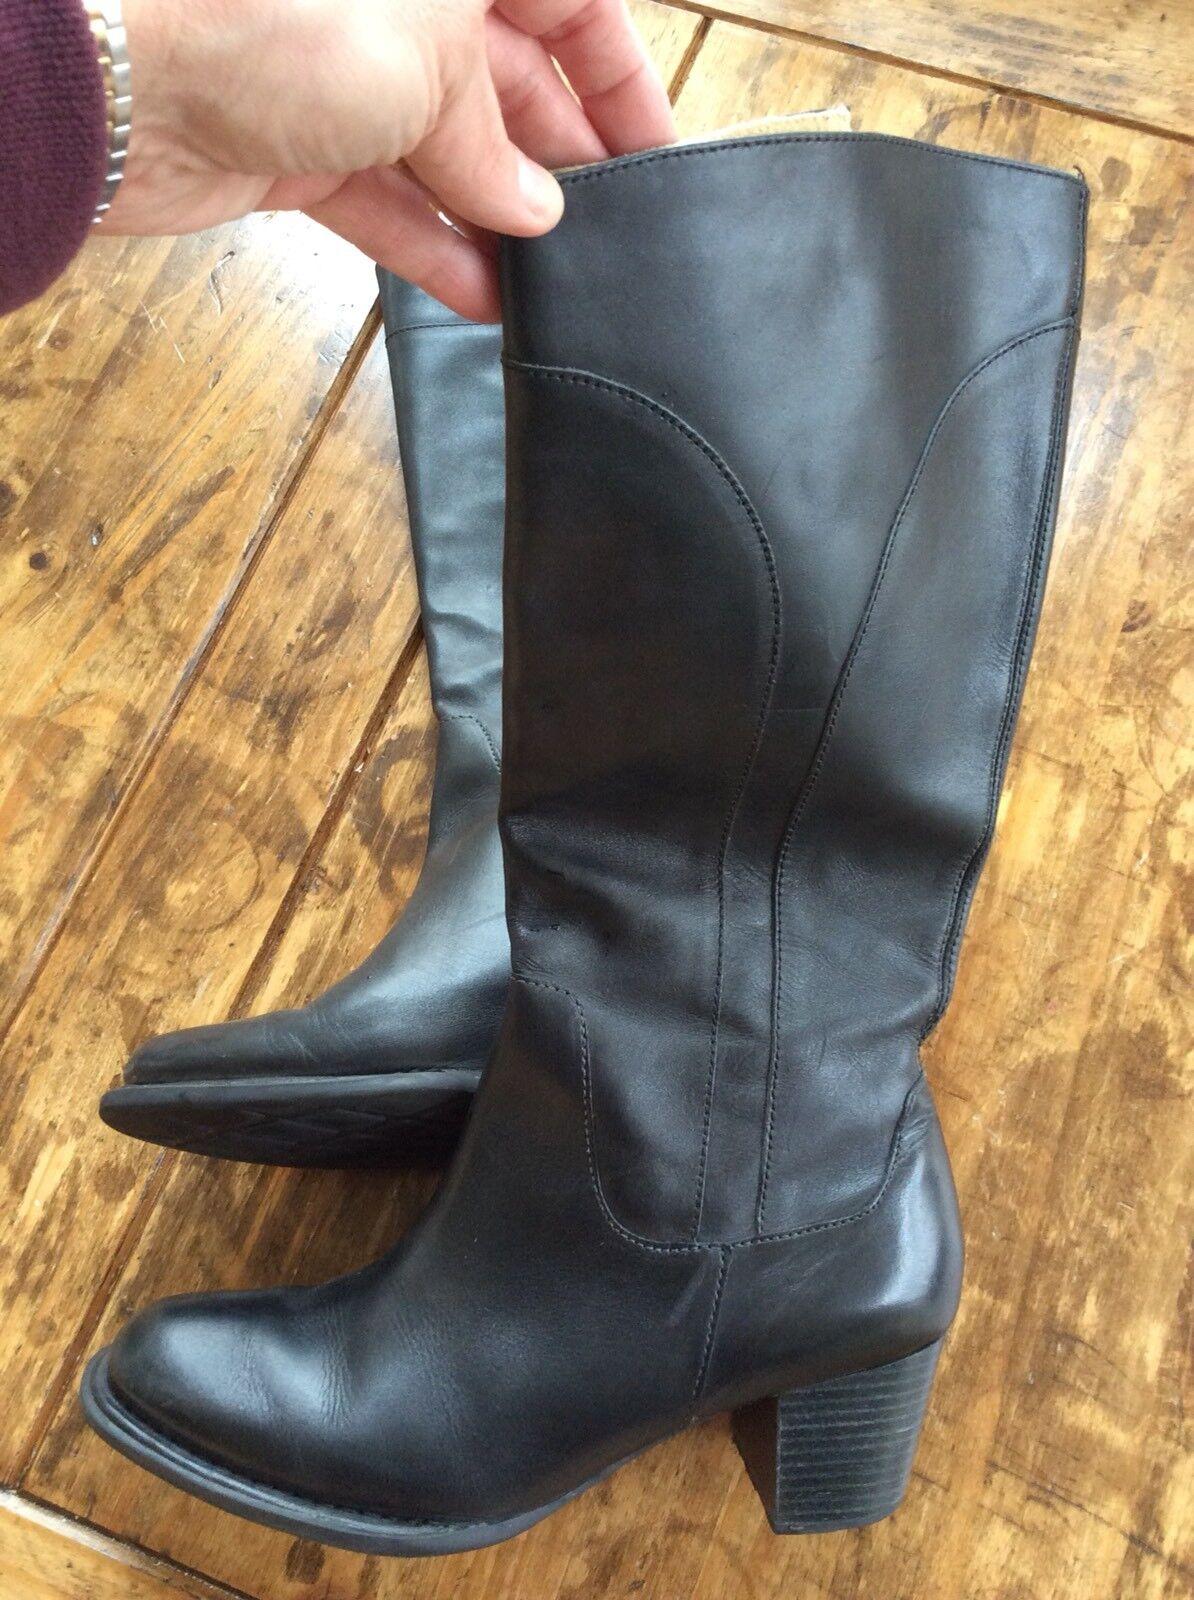 botas para mujer mujer mujer Talla 10 L.L. botas de cuero negro Bean  cómodamente